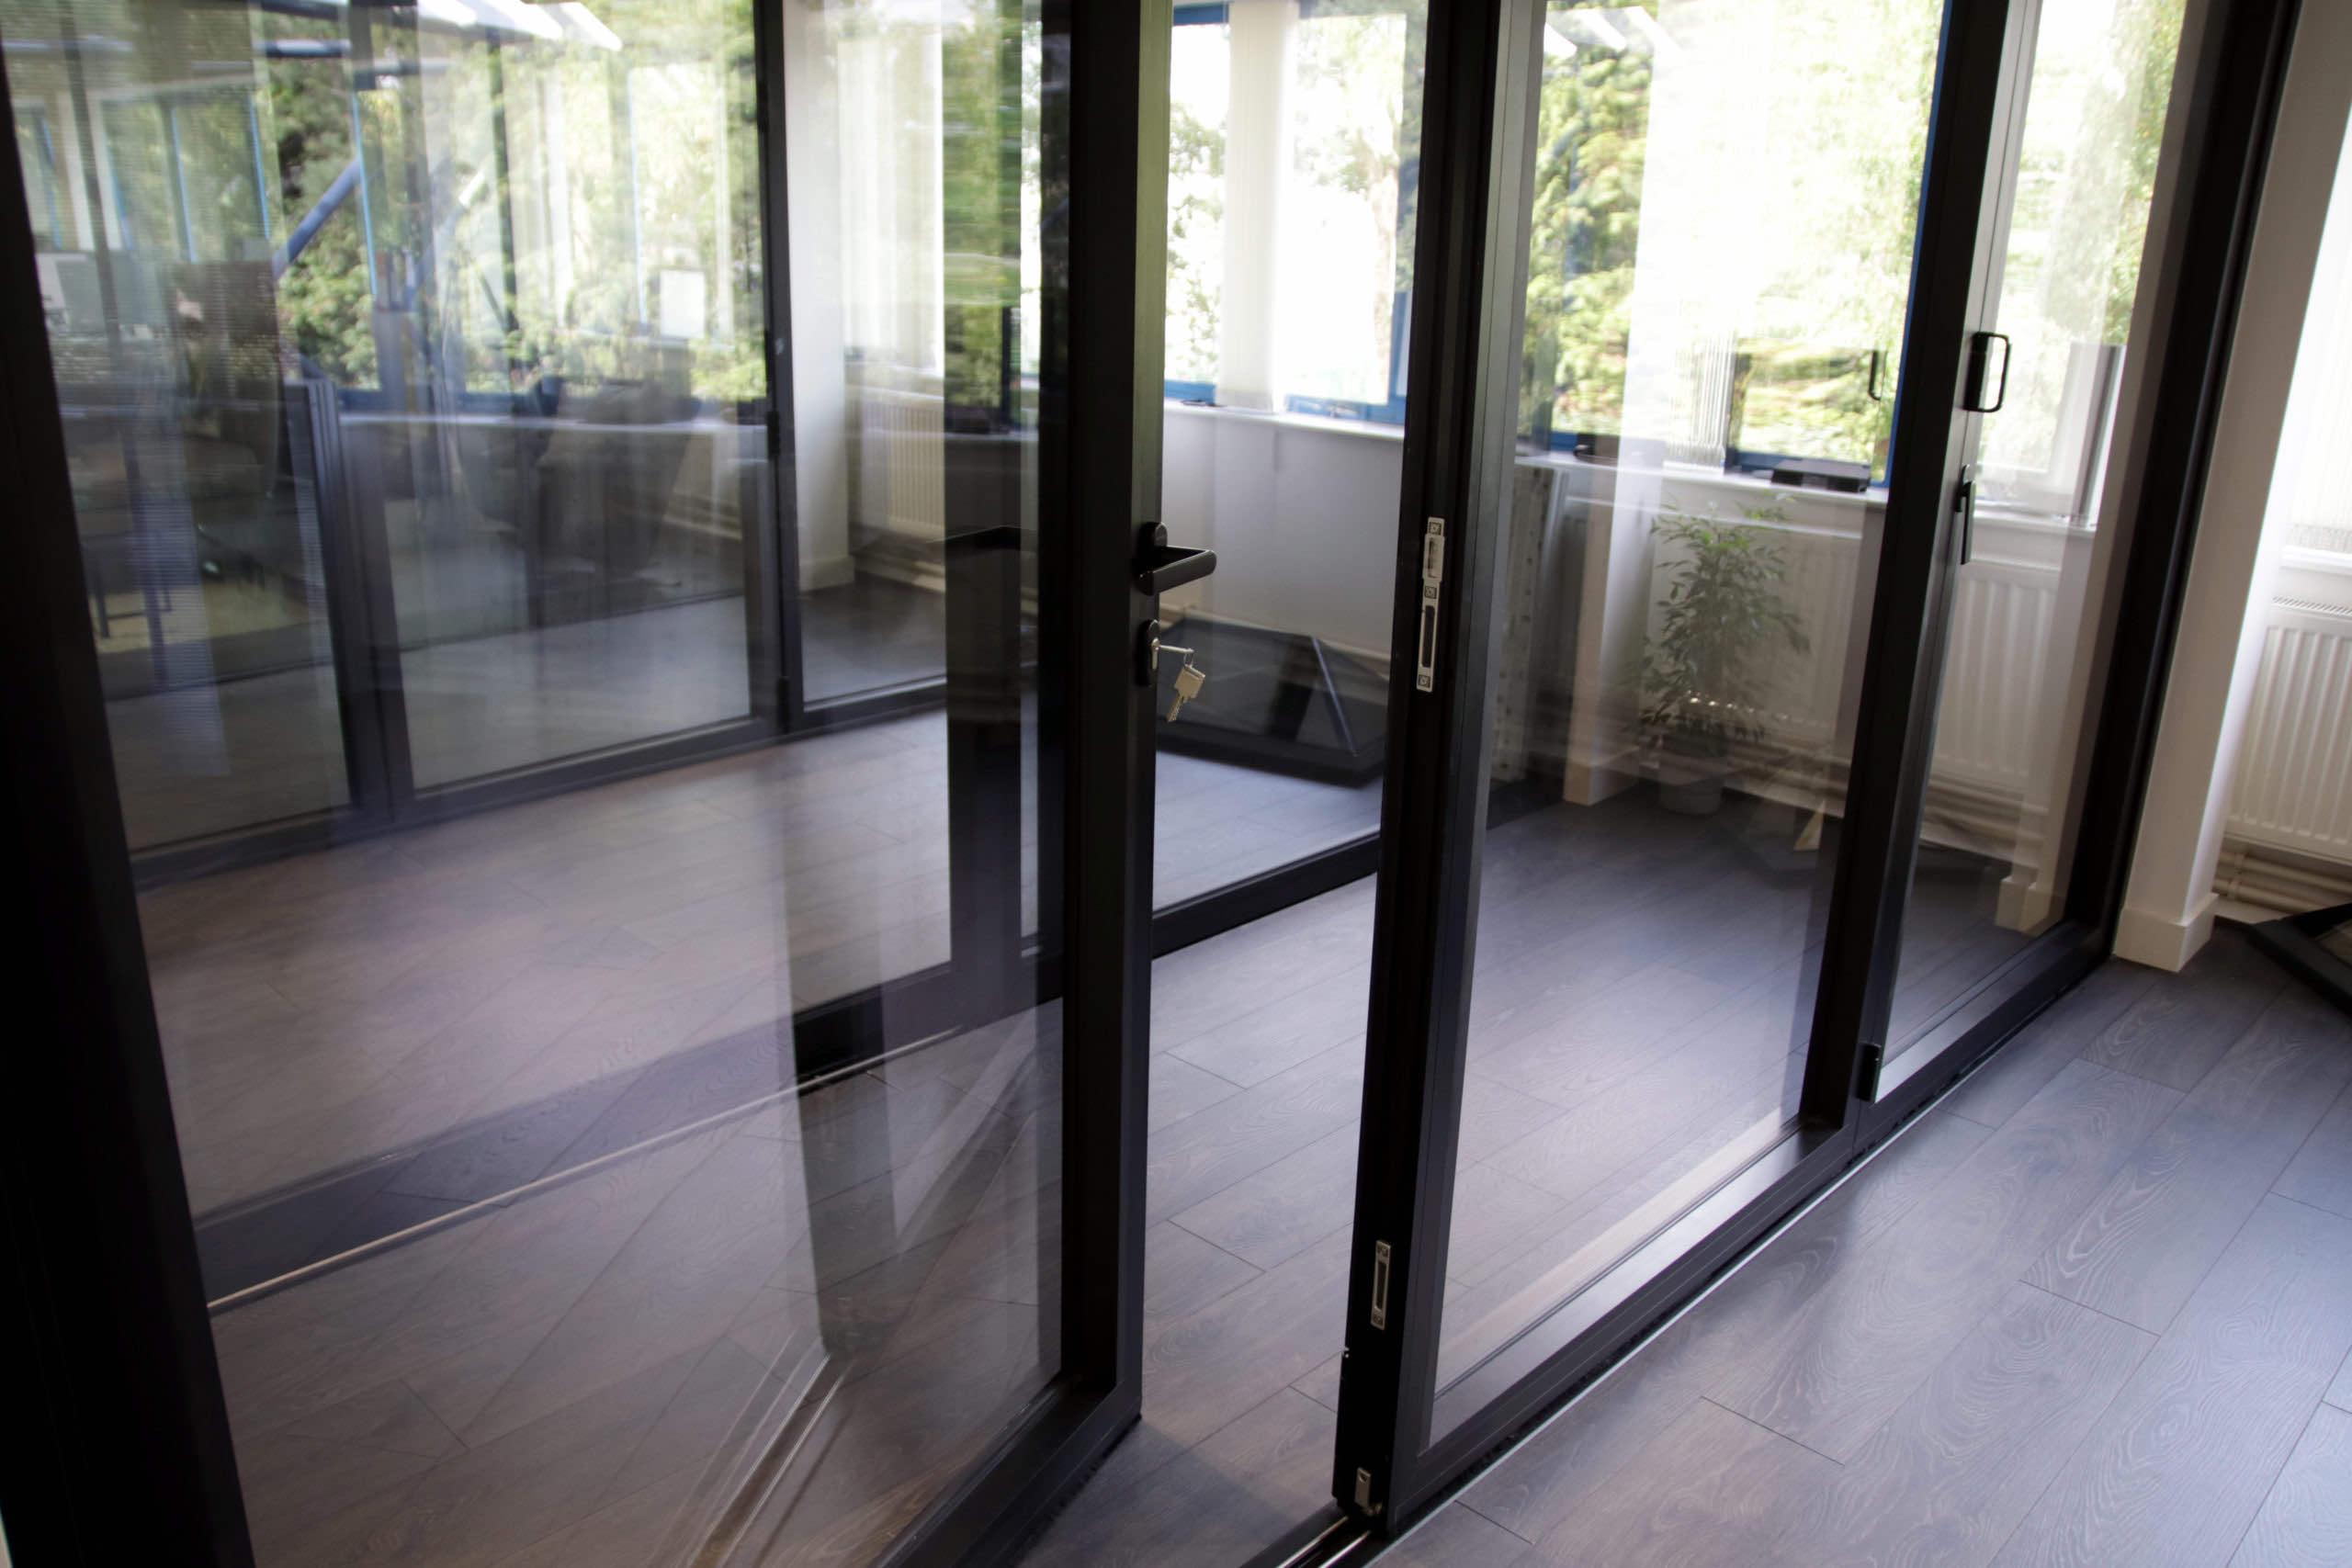 schuco bifold doors london